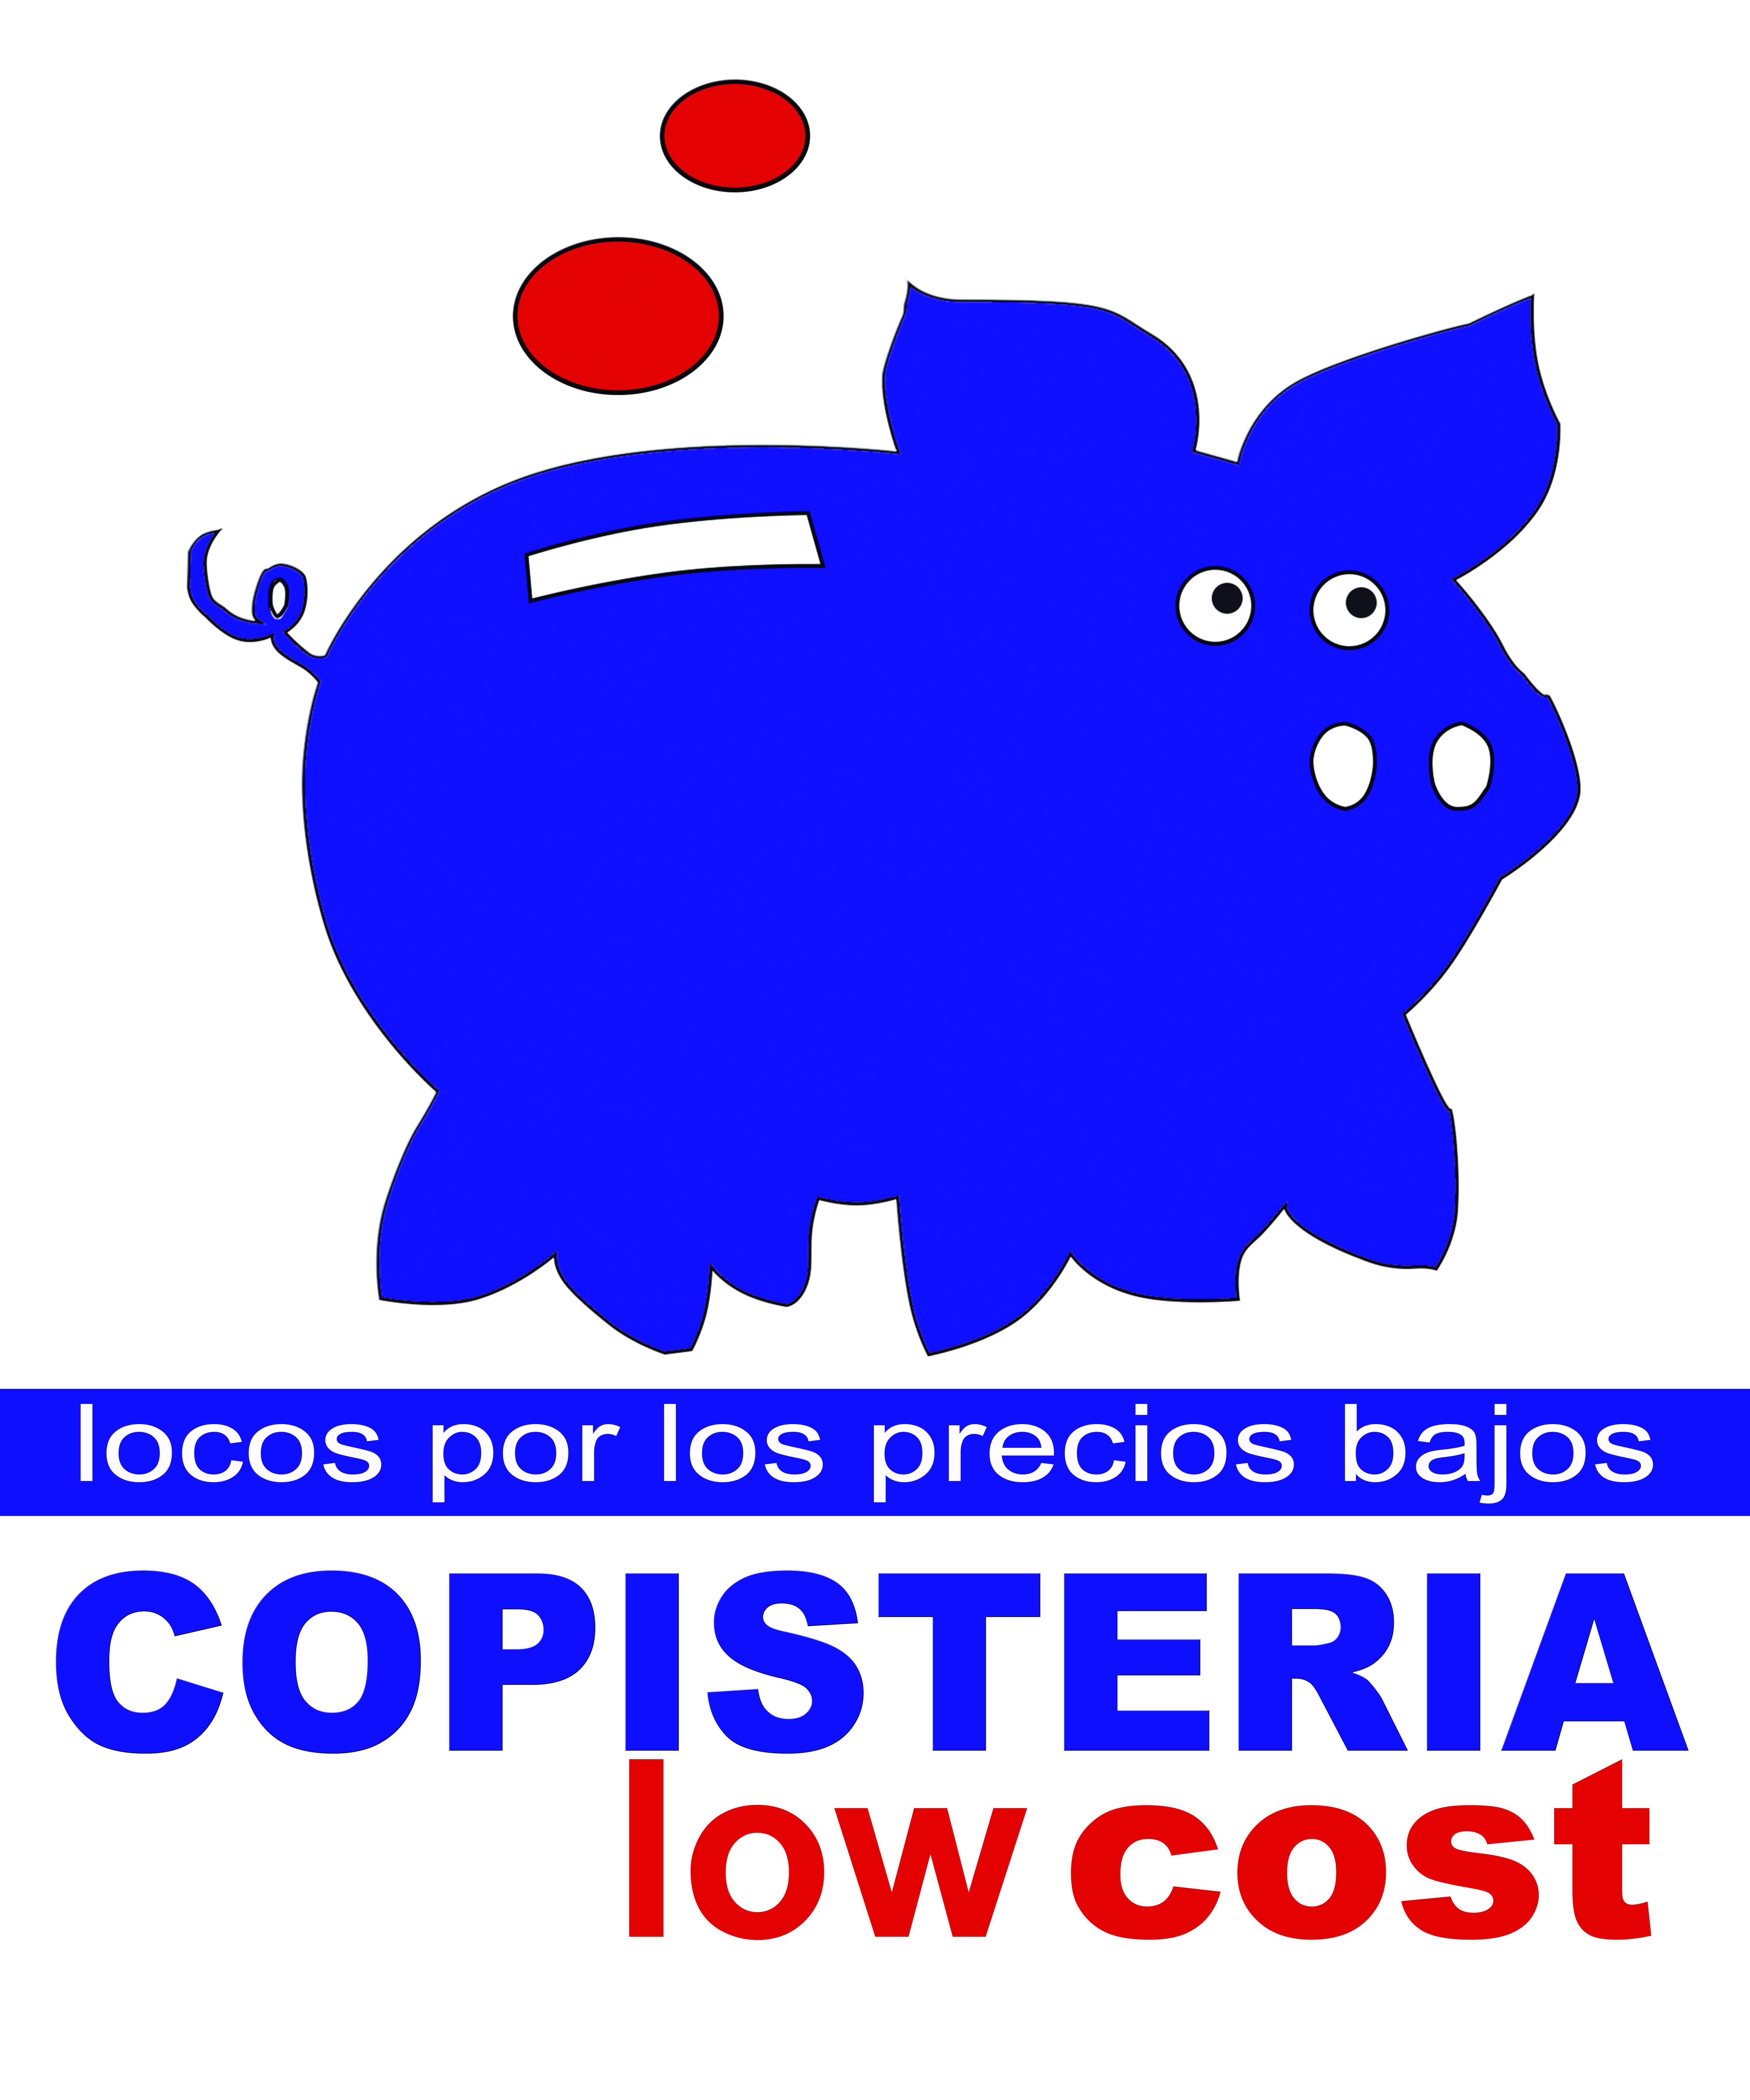 Copisteria LowCost